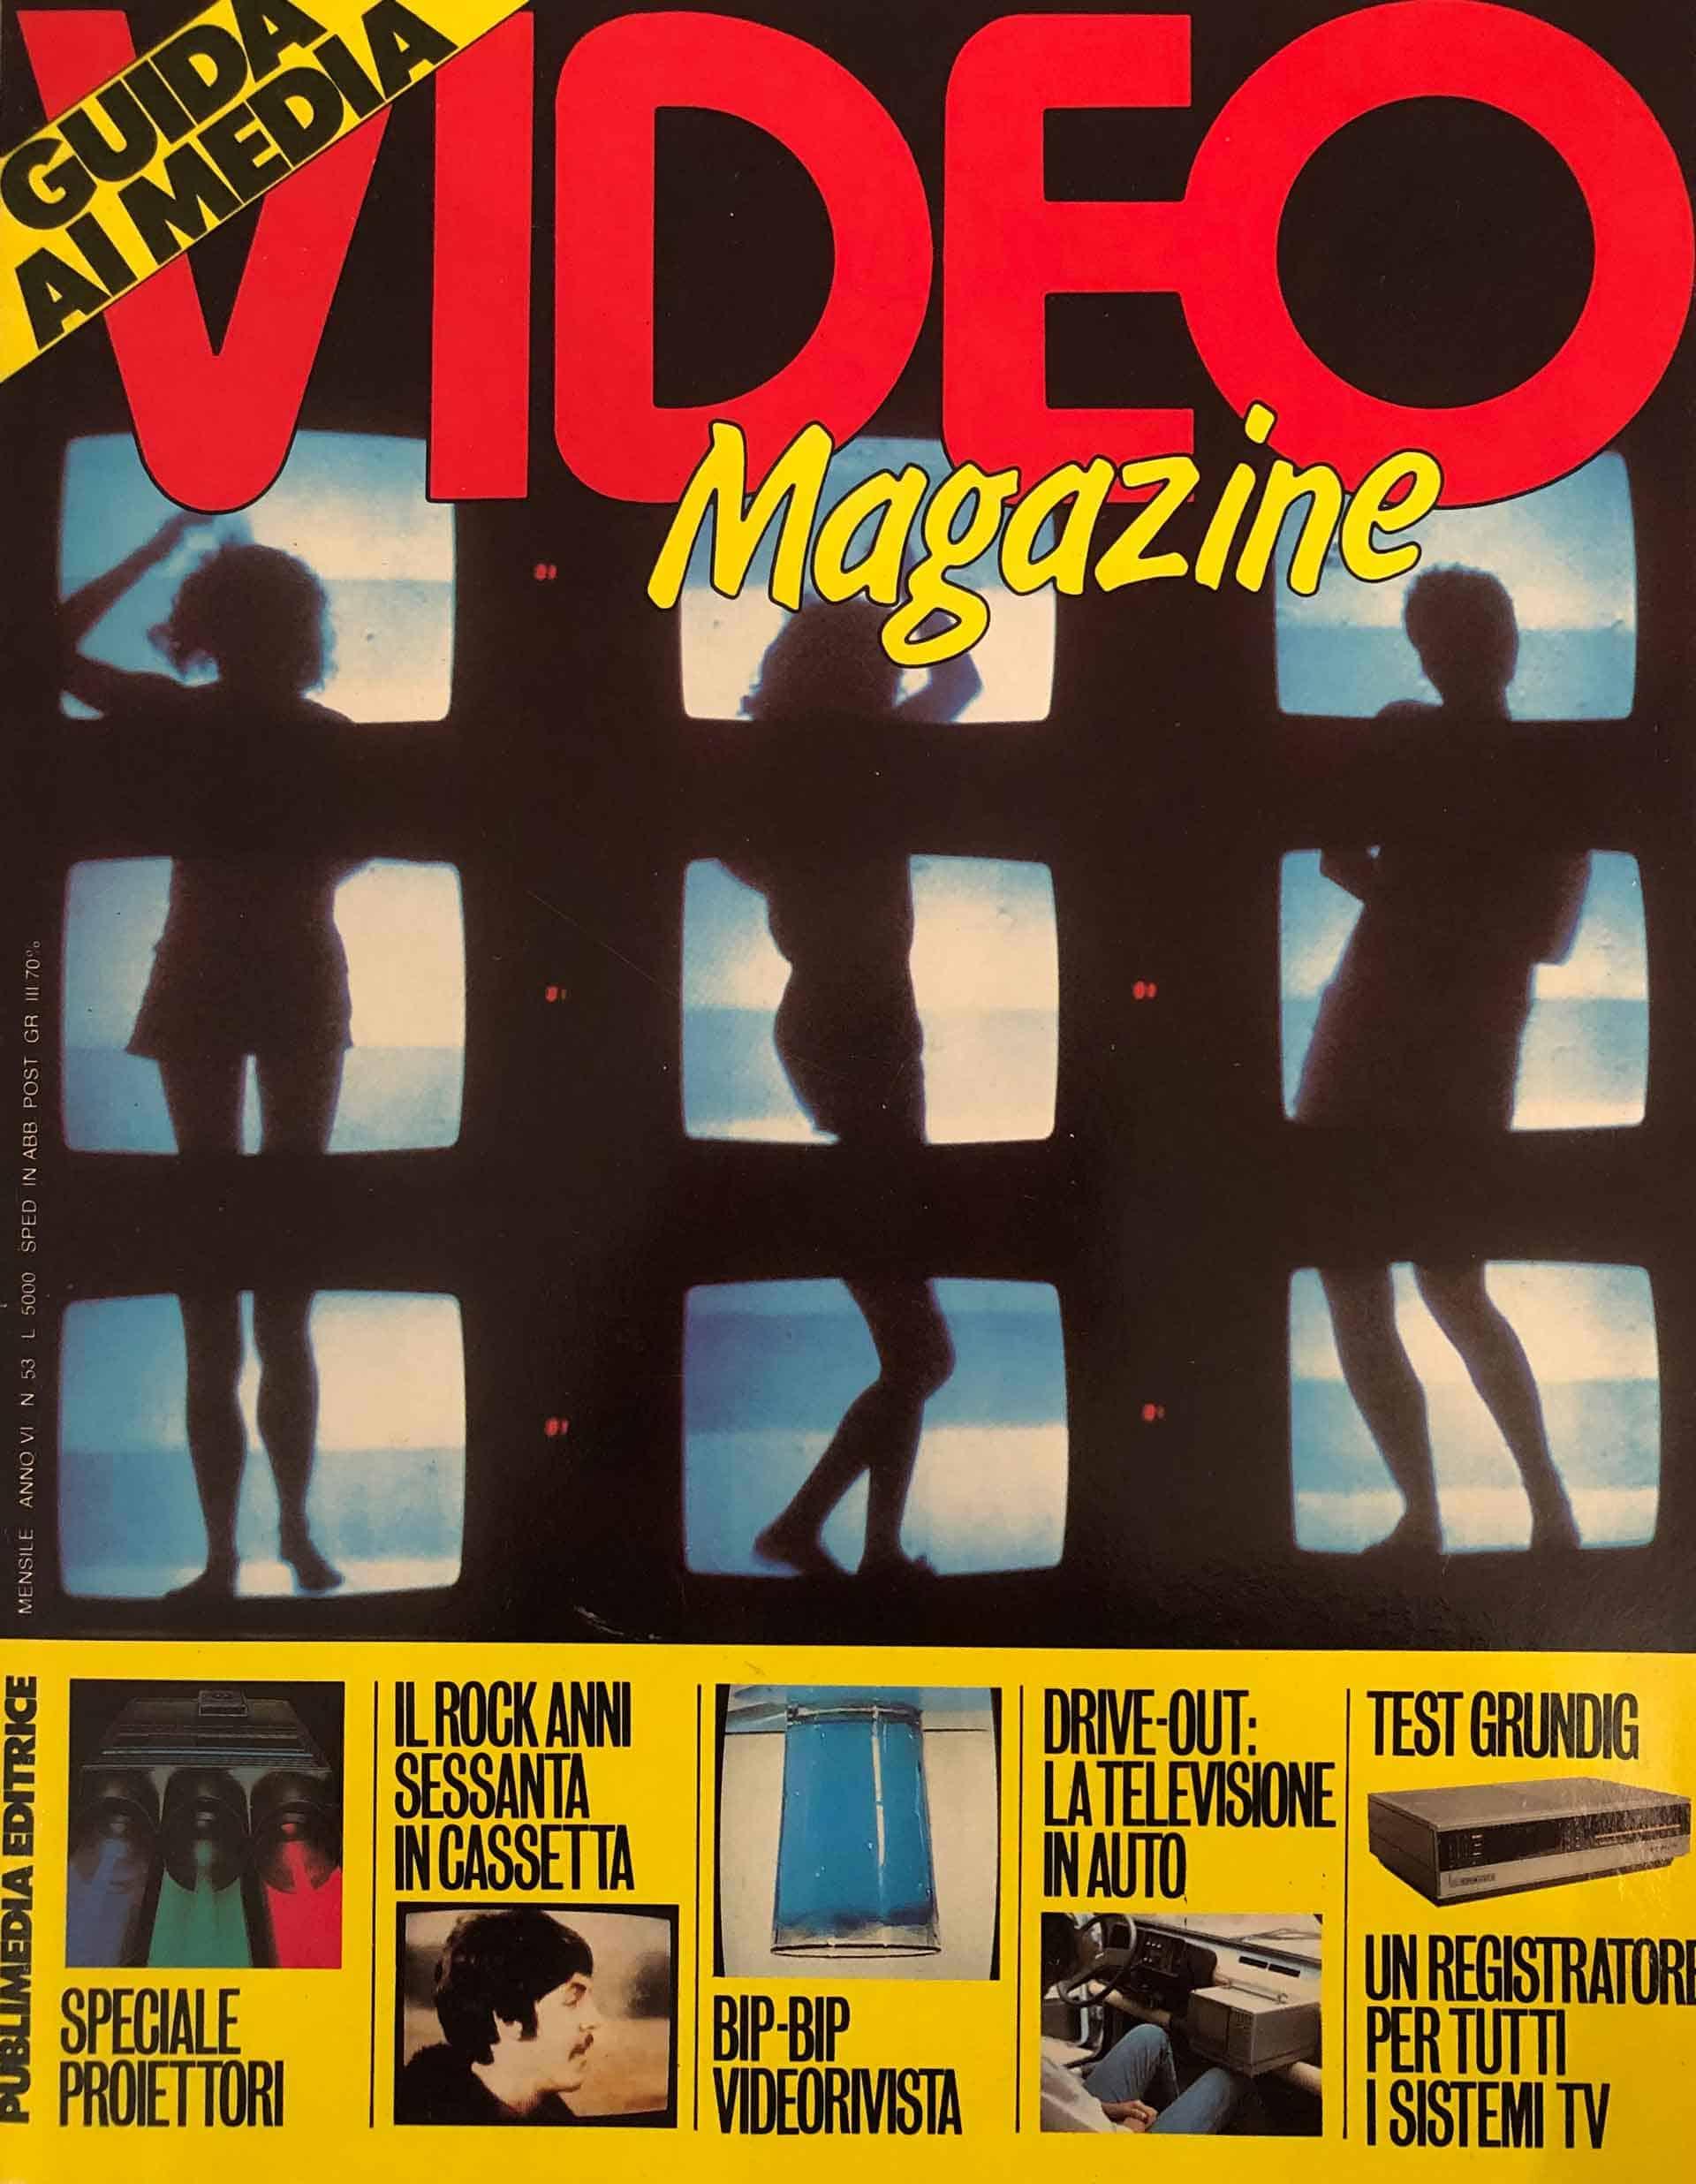 «Video Magazine», N. 53, Marzo 1986. Copertina raffigurante Studio Azzurro e Giorgio Barberio Corsetti, «Prologo a un diario segreto contraffatto», opera videoteatrale, La Piramide, Roma 1985